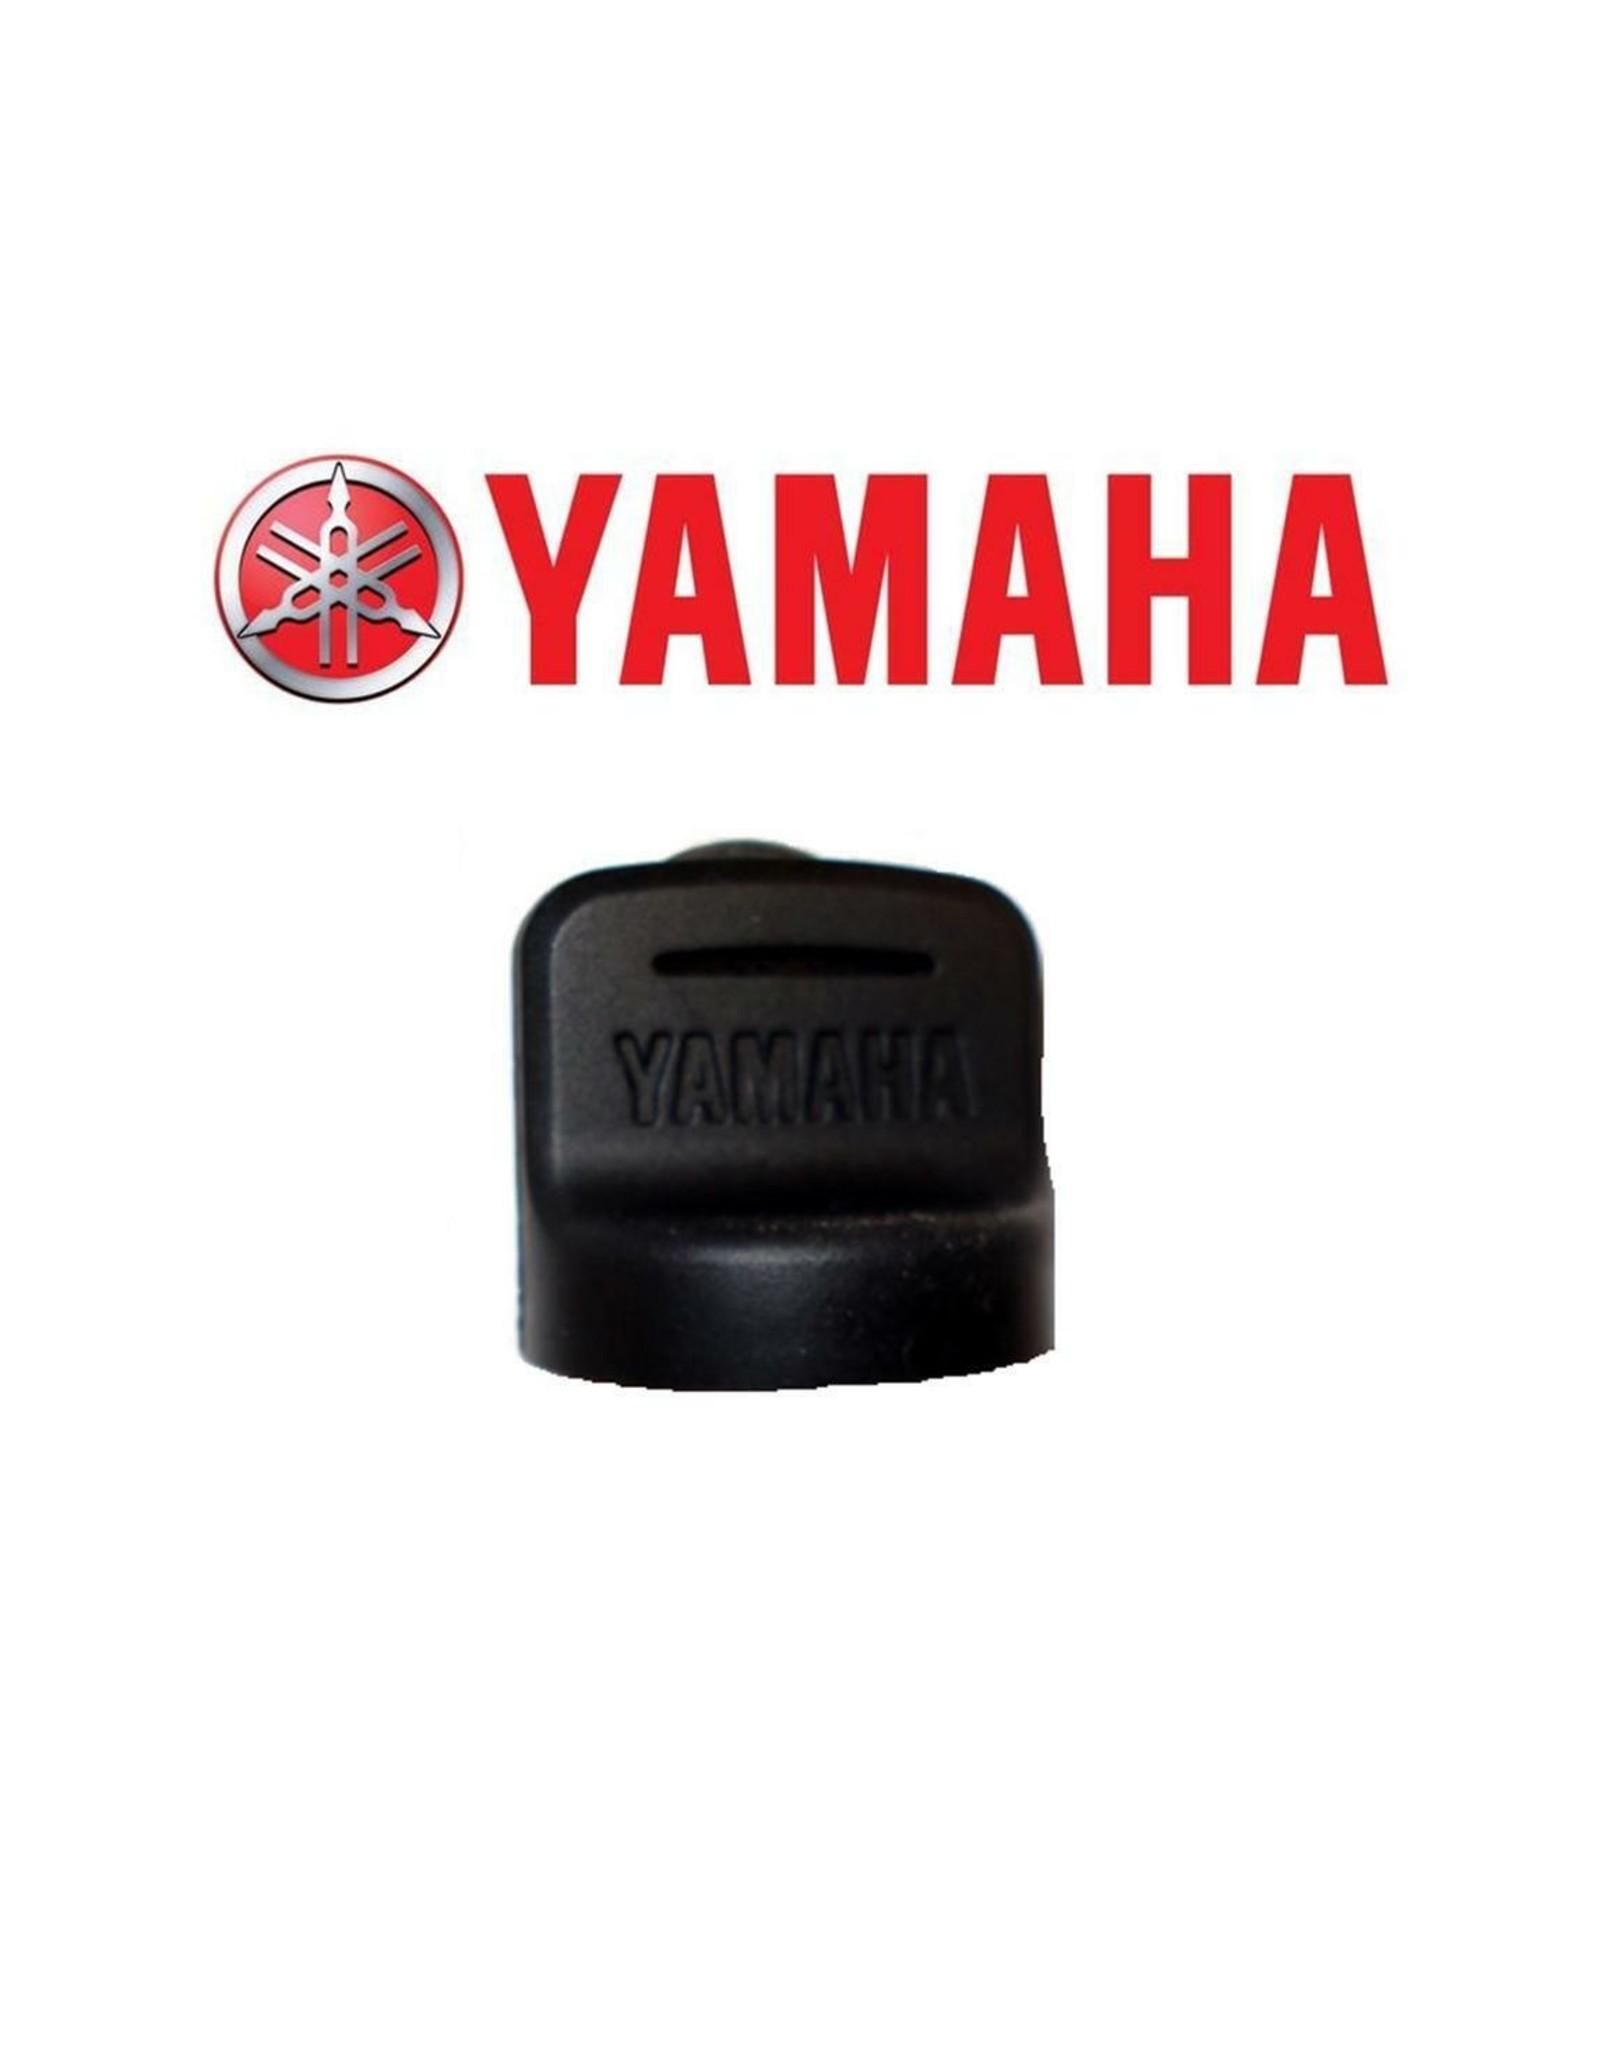 Yamaha Yamaha sleutel hoes - Nummers 400+800